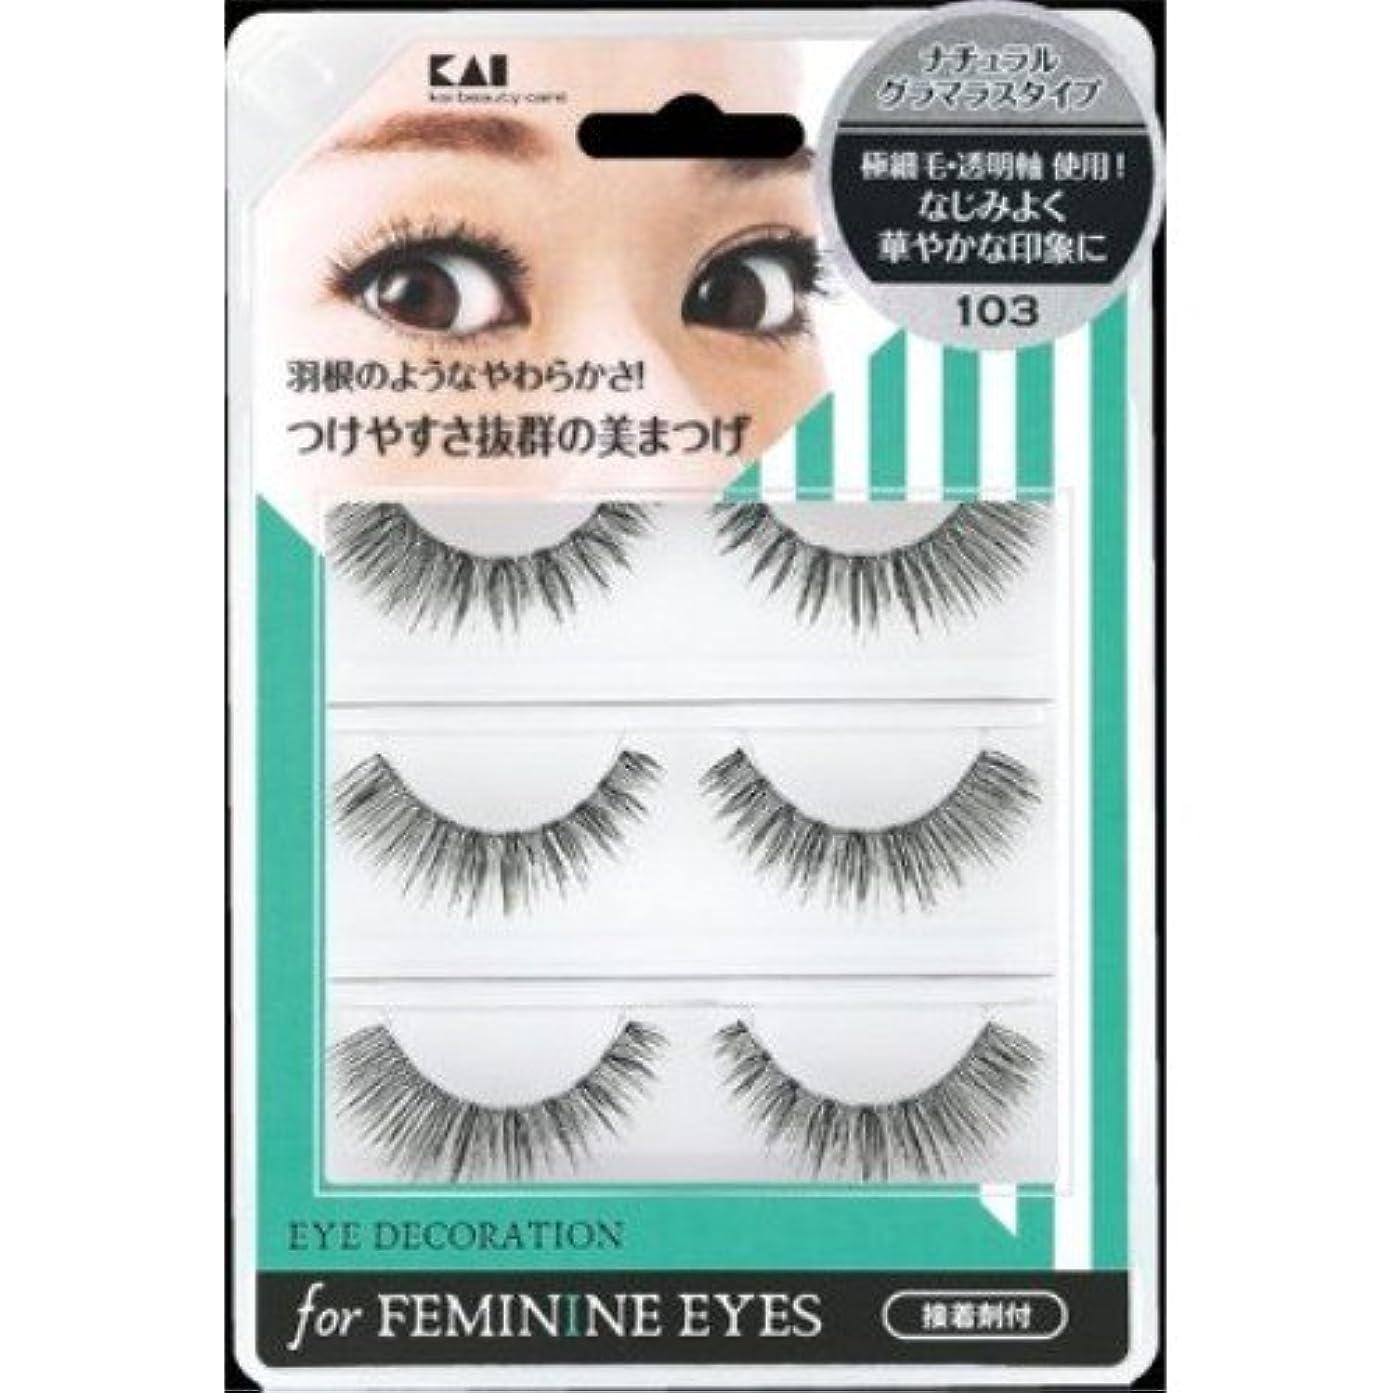 ハリウッドピッチ極小貝印 アイデコレーション for feminine eyes 103 HC1557